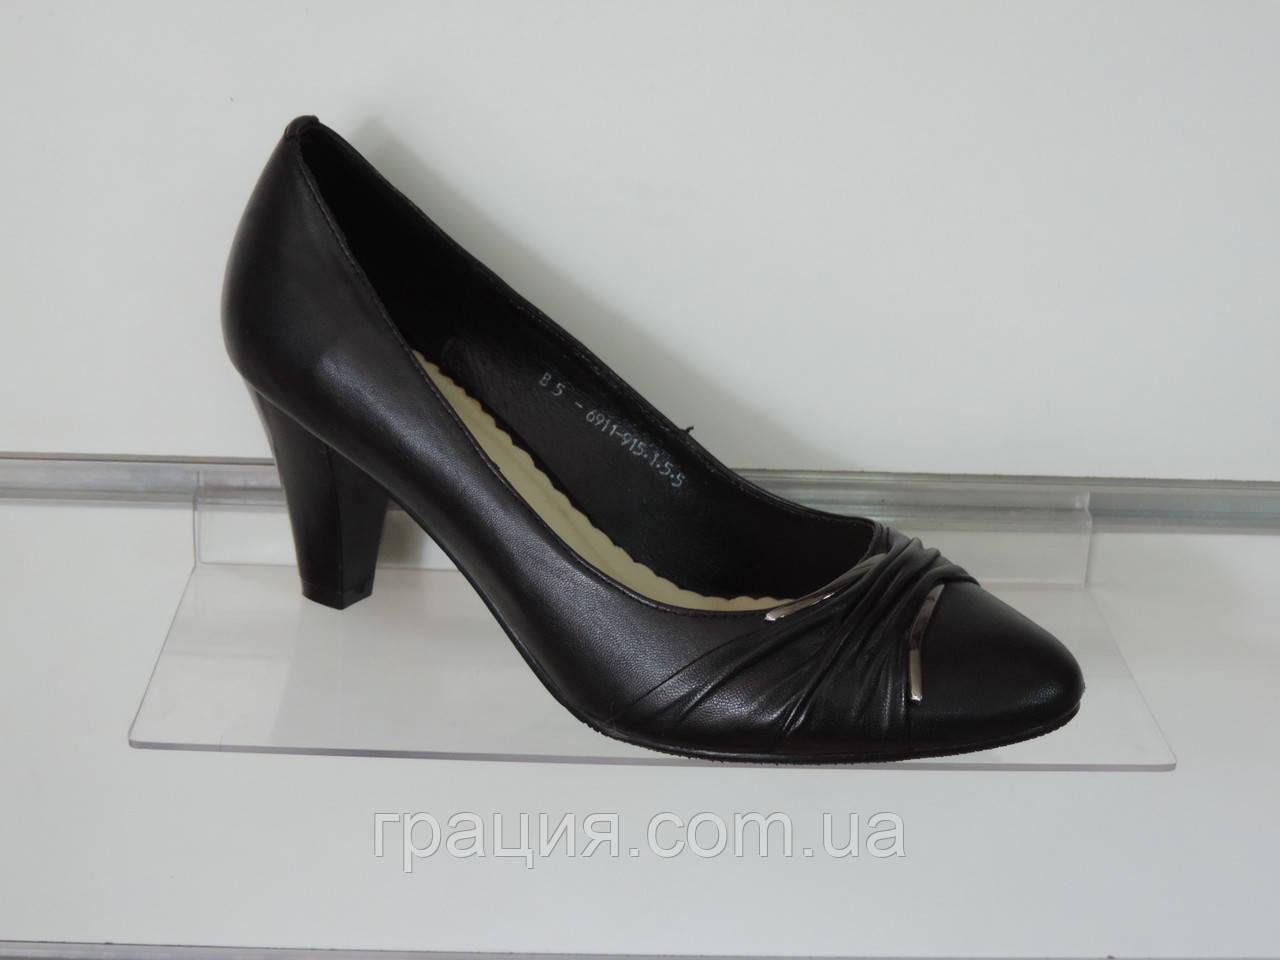 Туфлі жіночі натуральні шкіряні на підборах